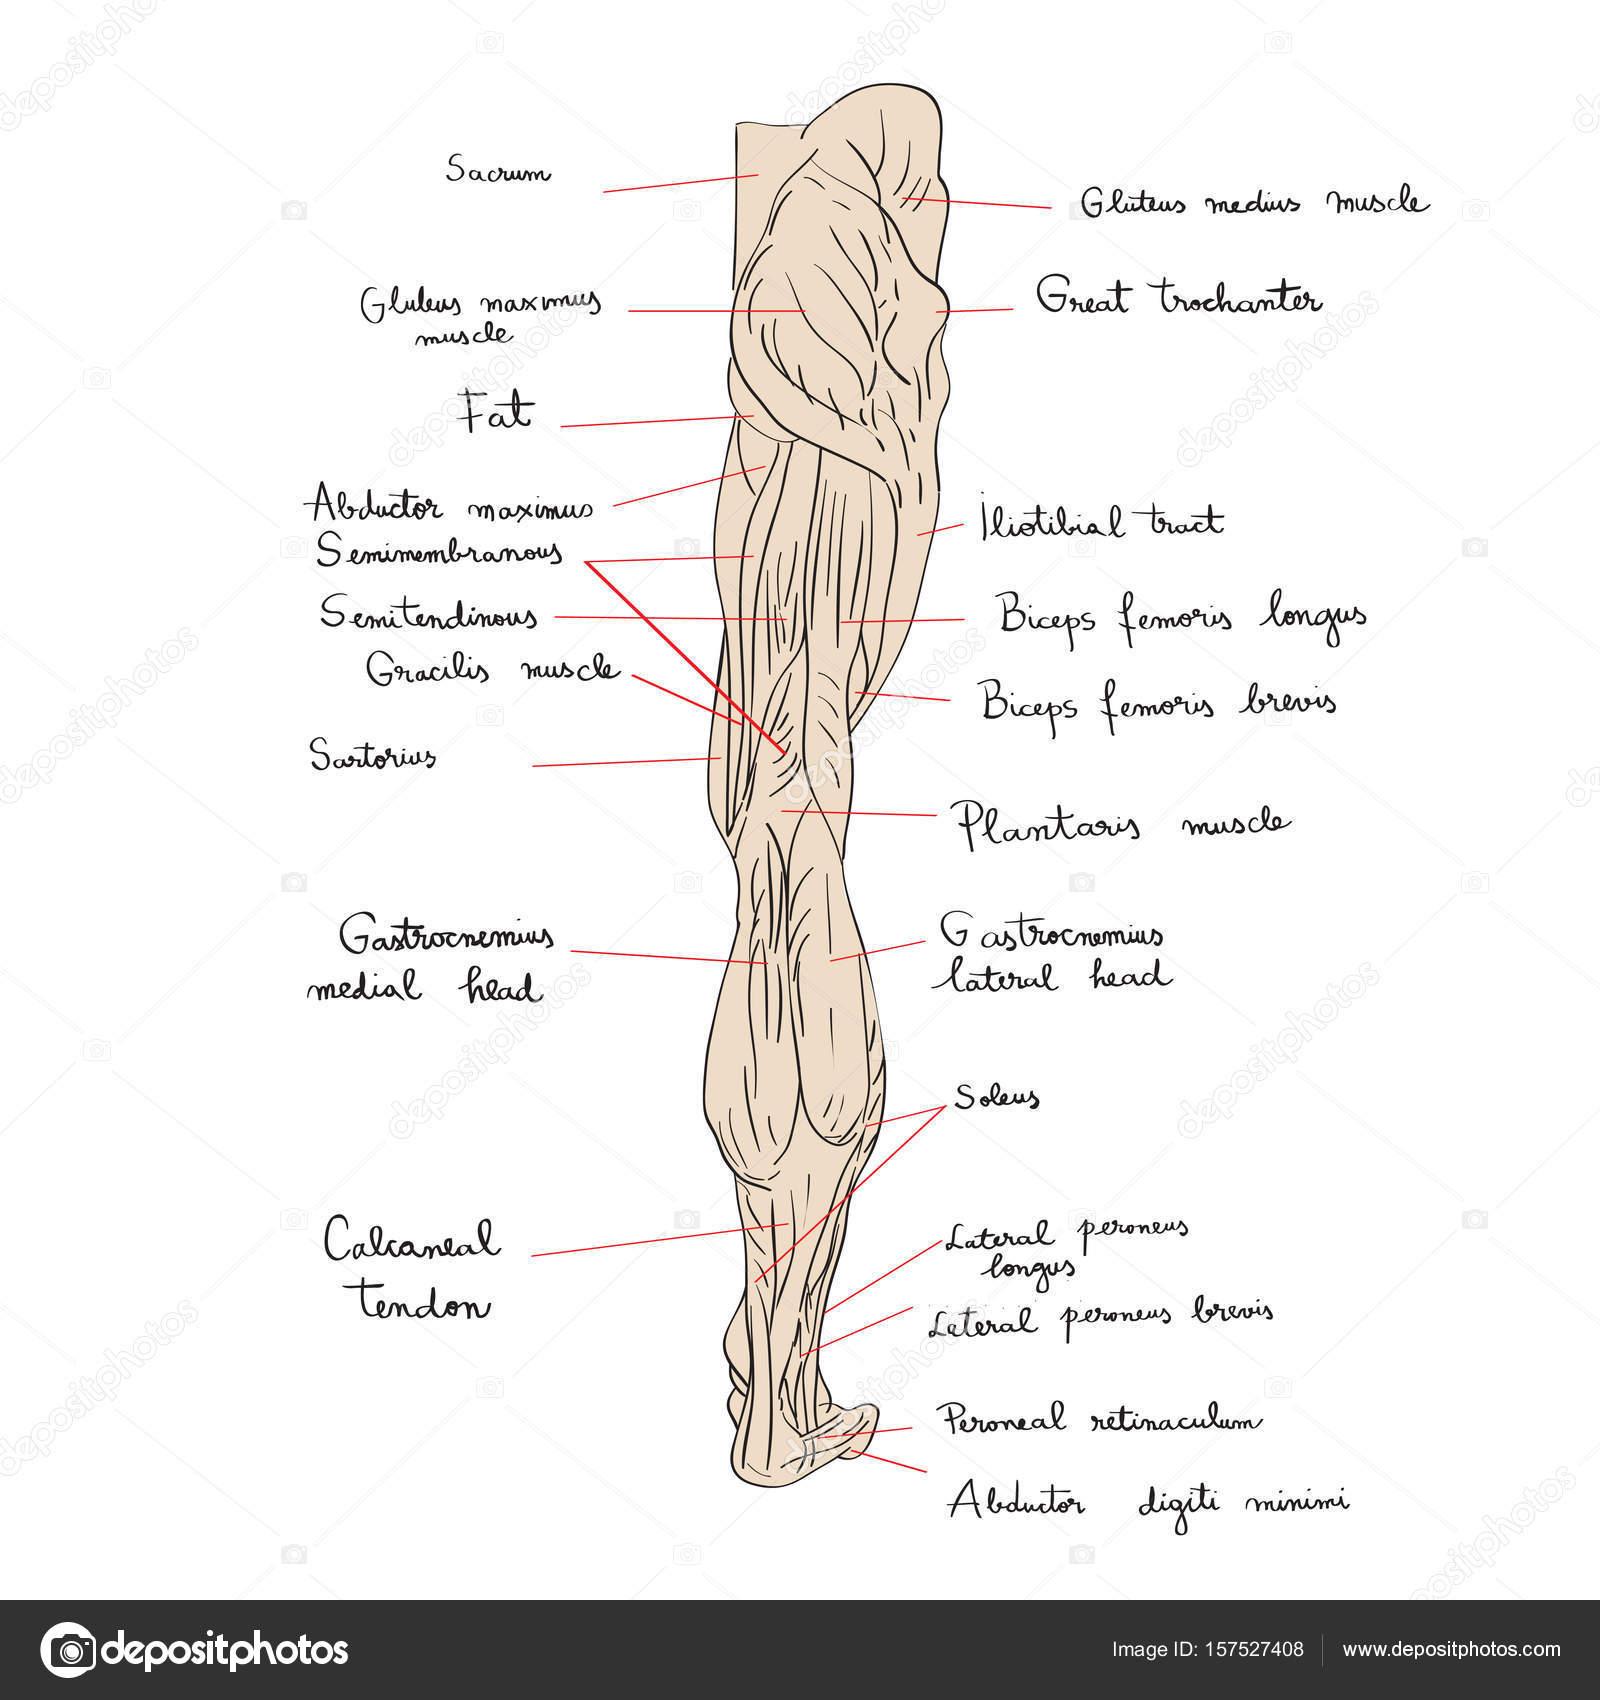 Beinmuskulatur zurück text — Stockfoto © richcat #157527408